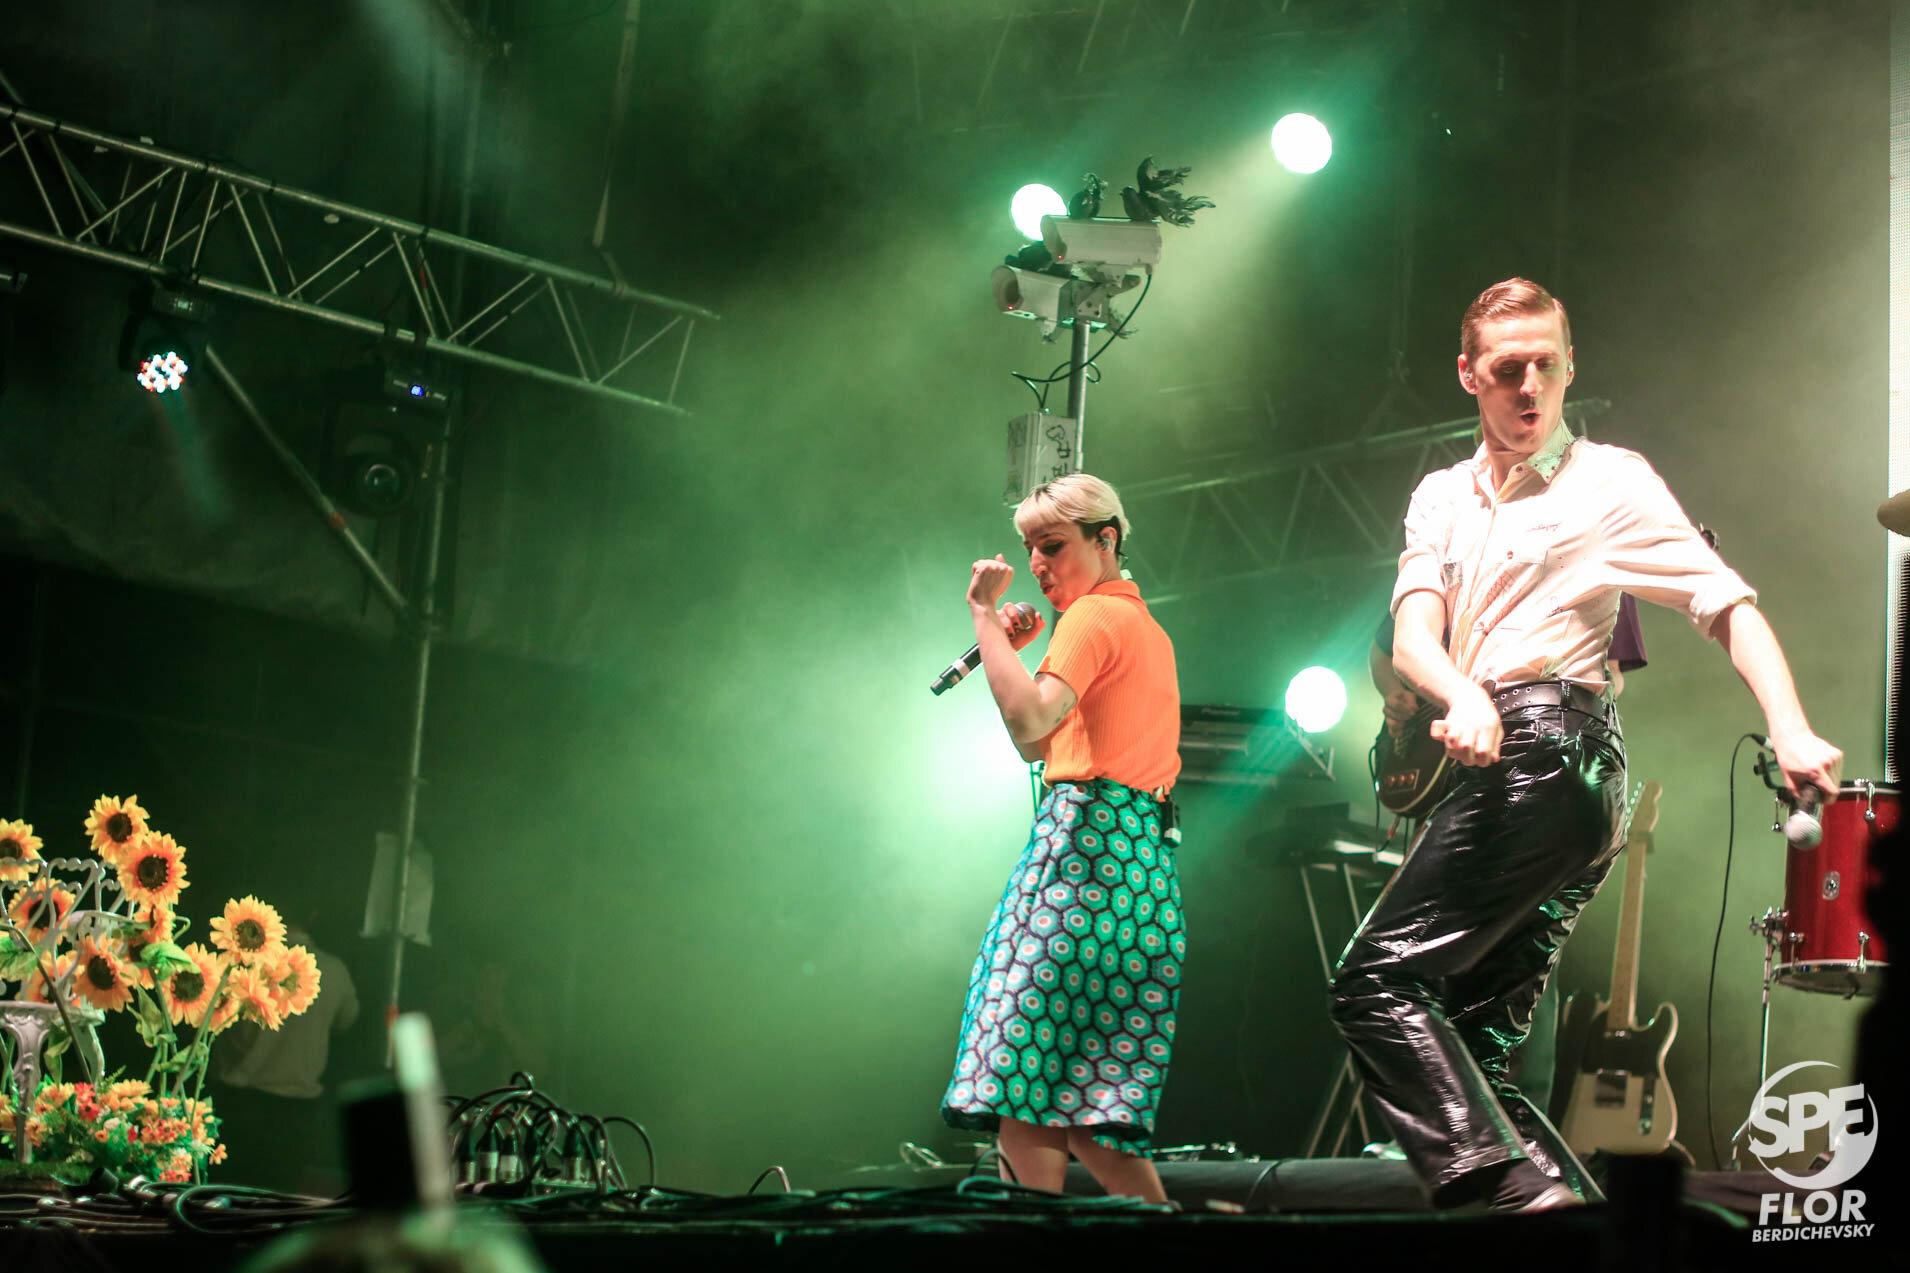 Louta participa del Festival Futurock en el estadio Malvinas Argentinas, el 28 de Septiembre de 2019. El festival estuvo organizado por la radio Futurock. Foto de: Florencia Berdichevsky